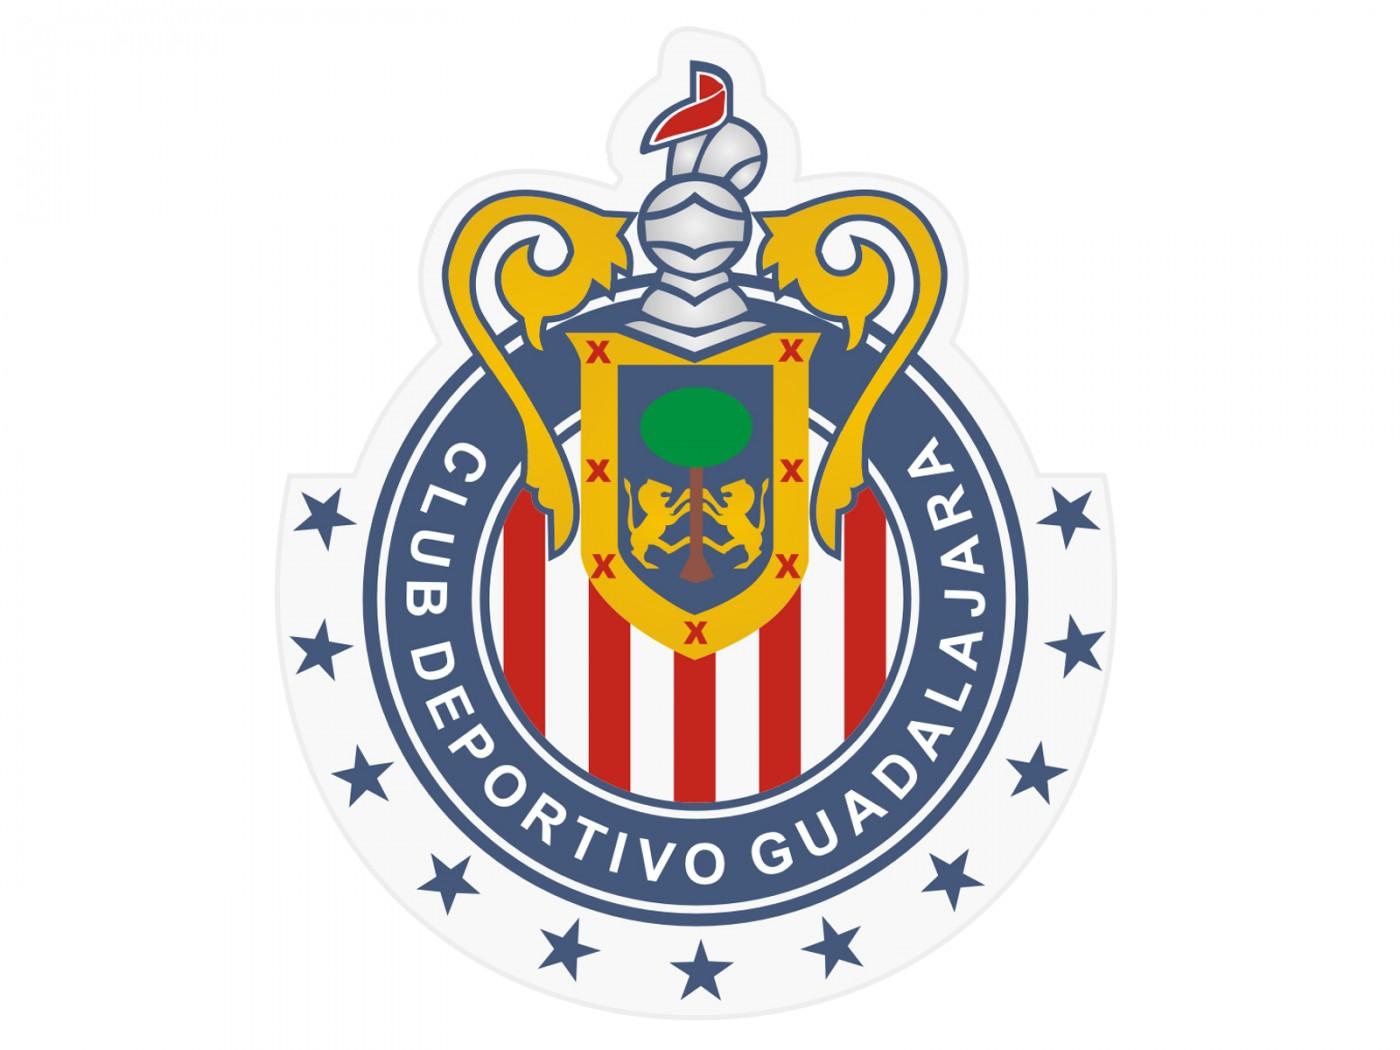 Equipo De Deporte Doodle Fondo Transparente: Equipos Y Tabla De Posiciones.